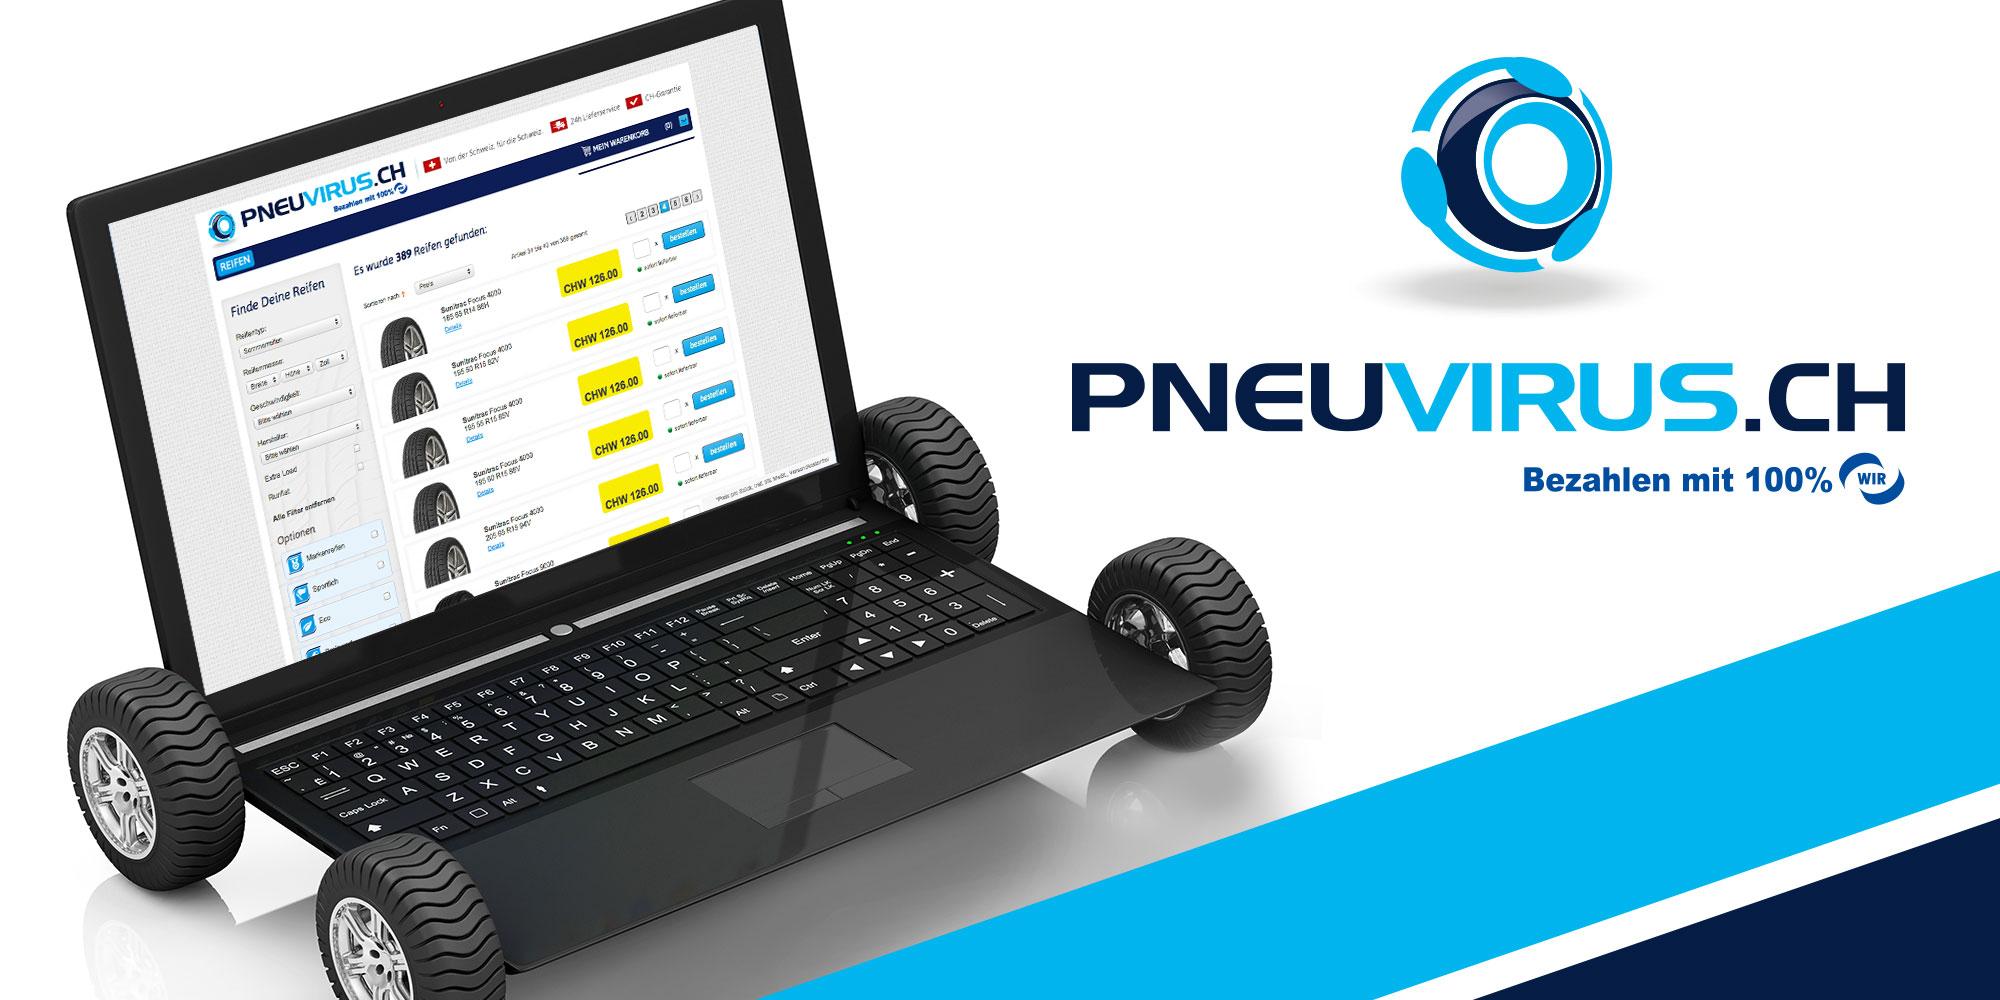 pneuvirus Onlineshop